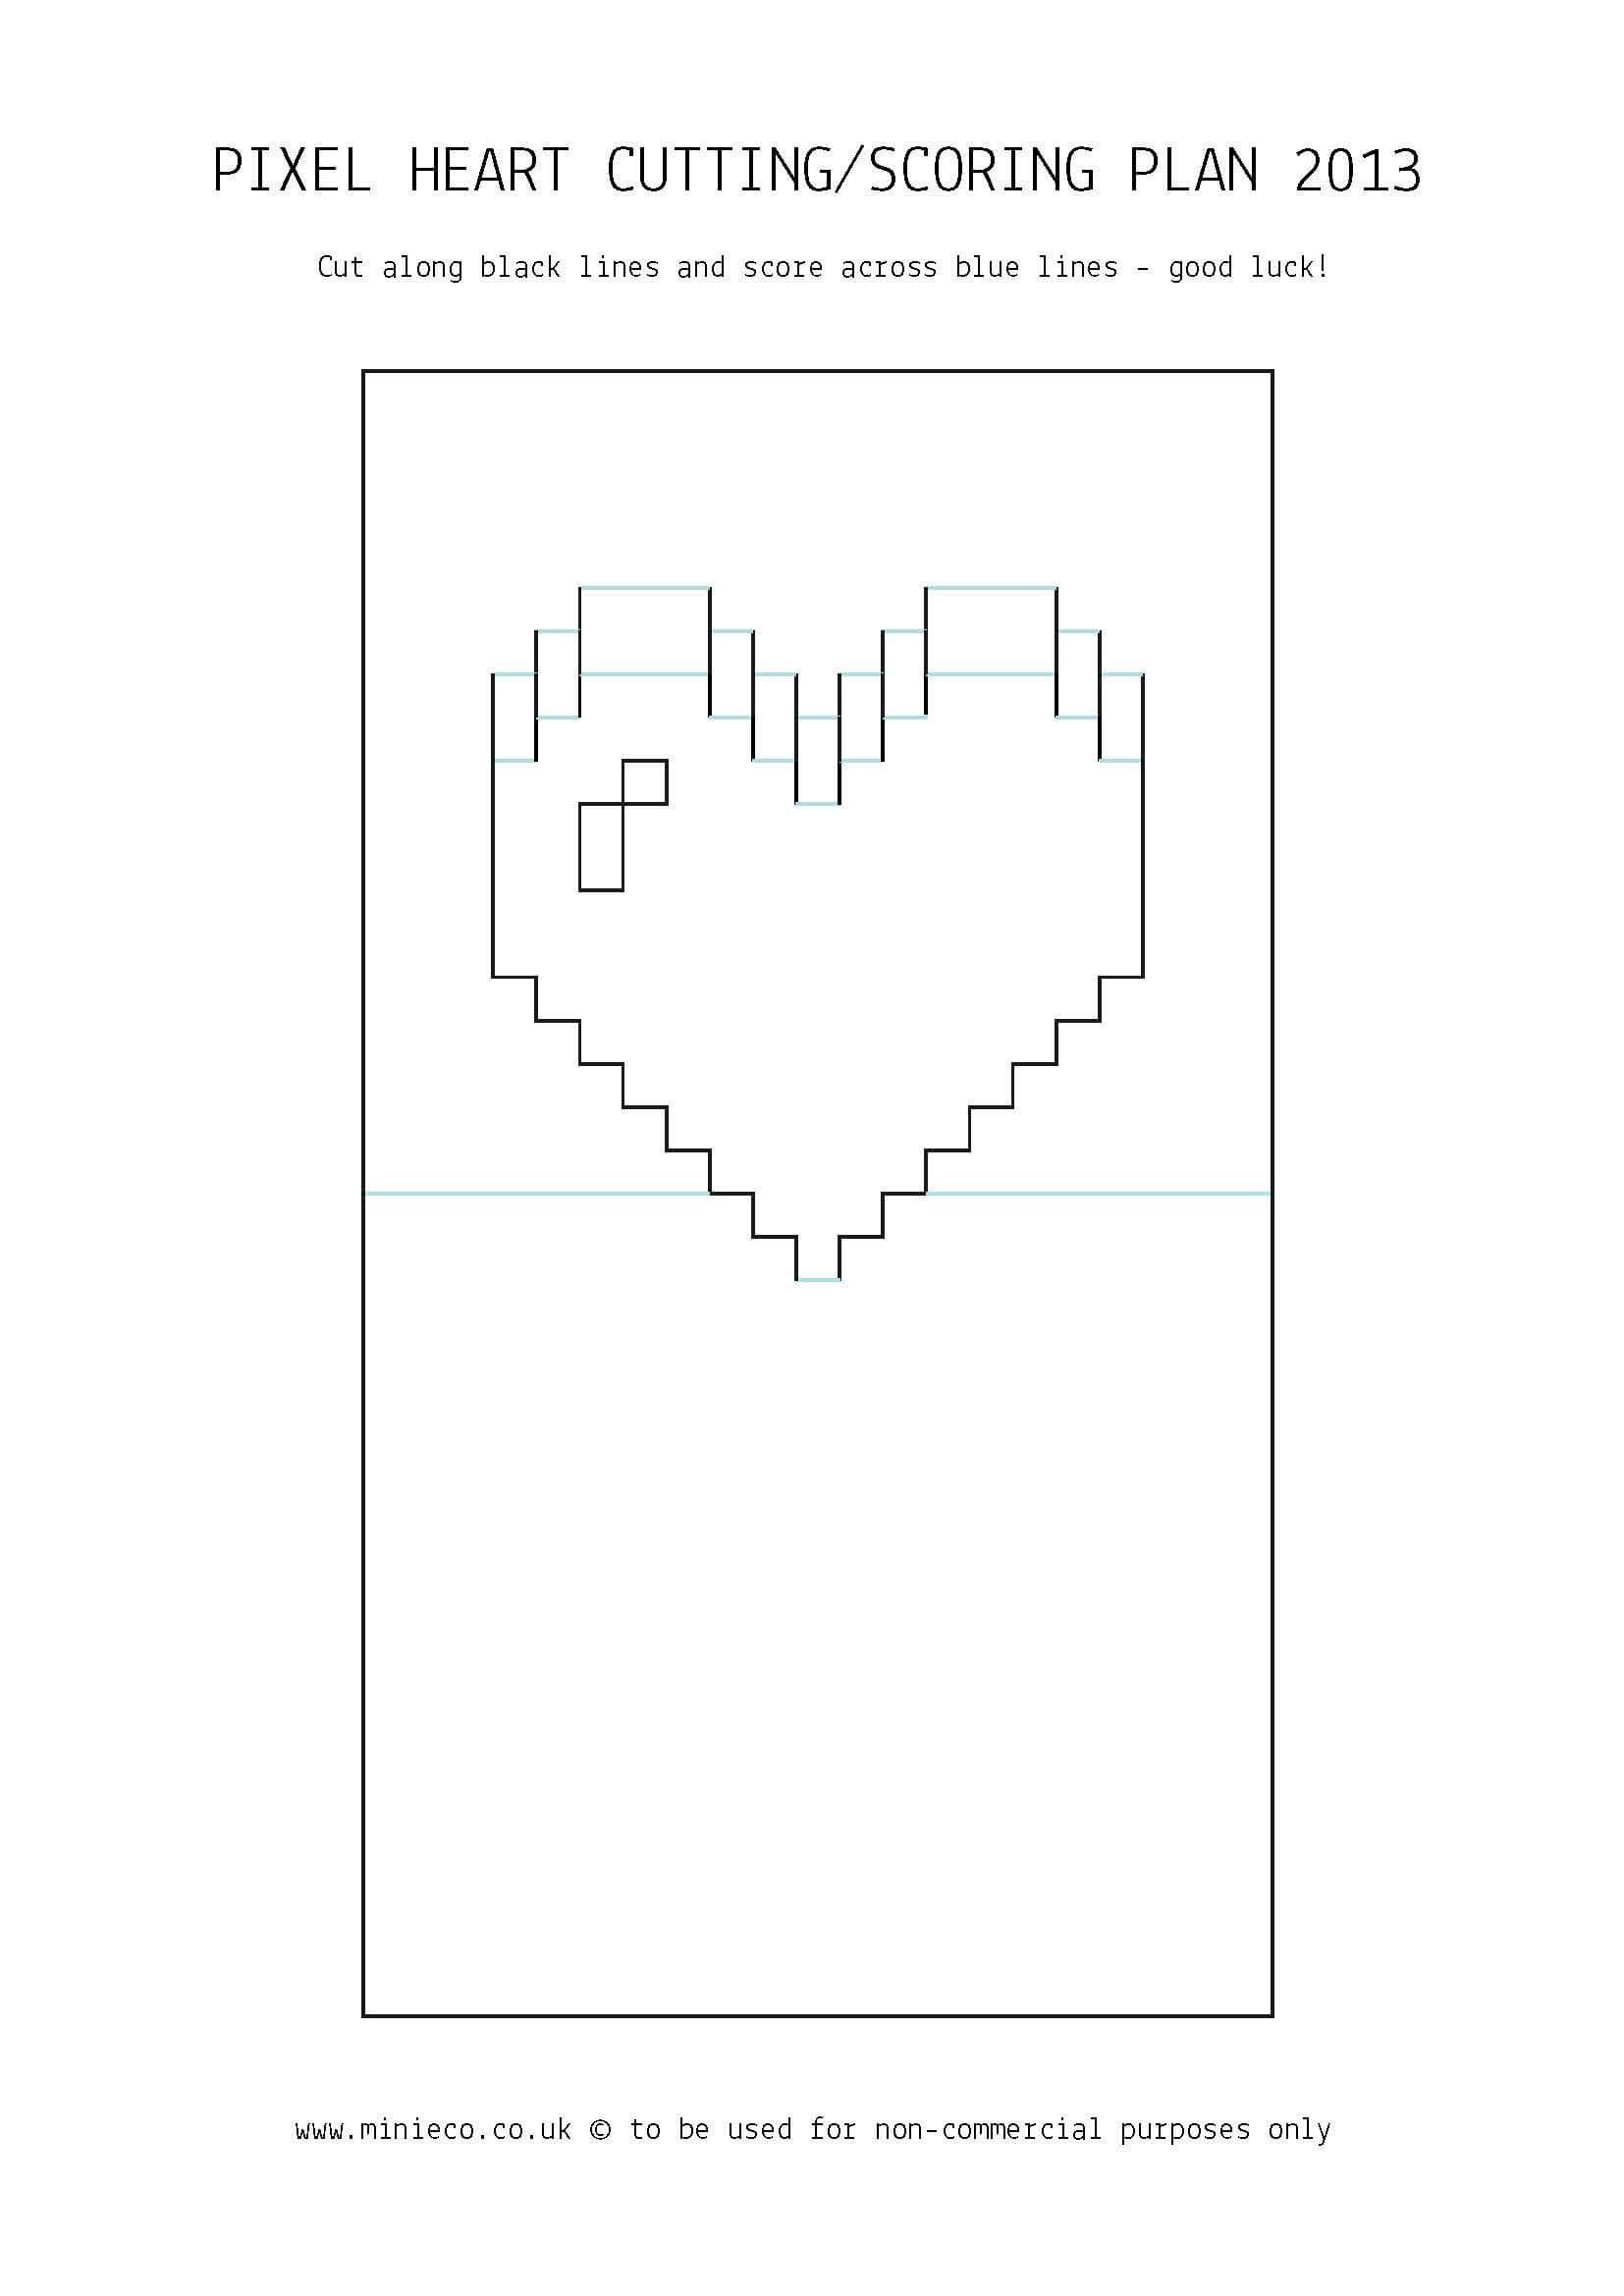 Pixel Heart Pop Up Card | Pop Up Card Templates, Heart Pop Regarding Pixel Heart Pop Up Card Template